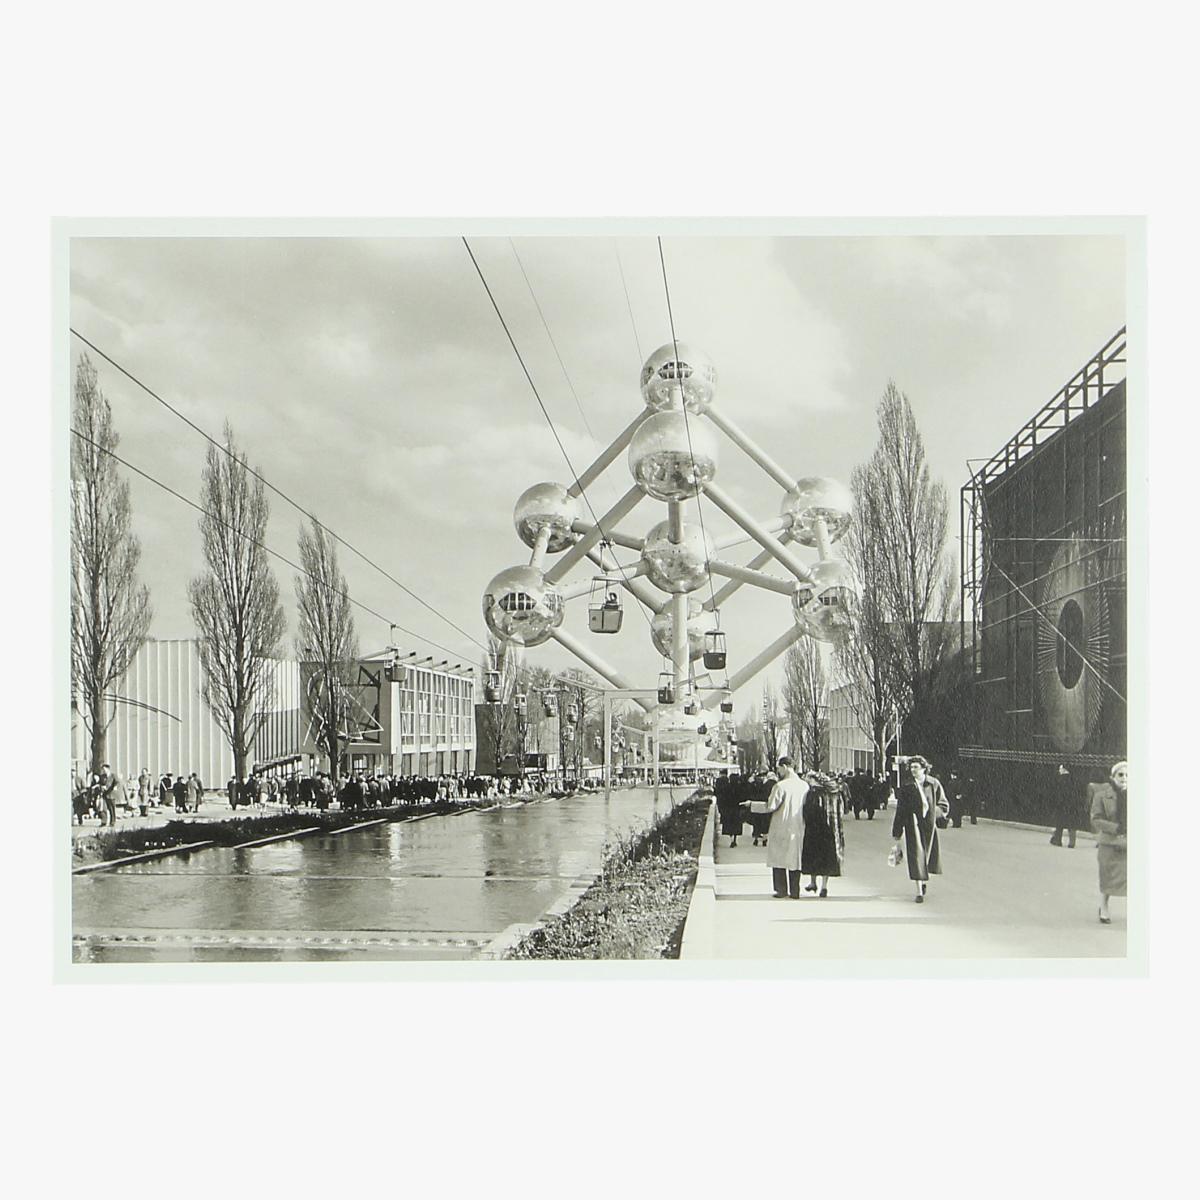 Afbeeldingen van postkaart wereldtentoonstelling bxl 17 april 1958 19 oct repro